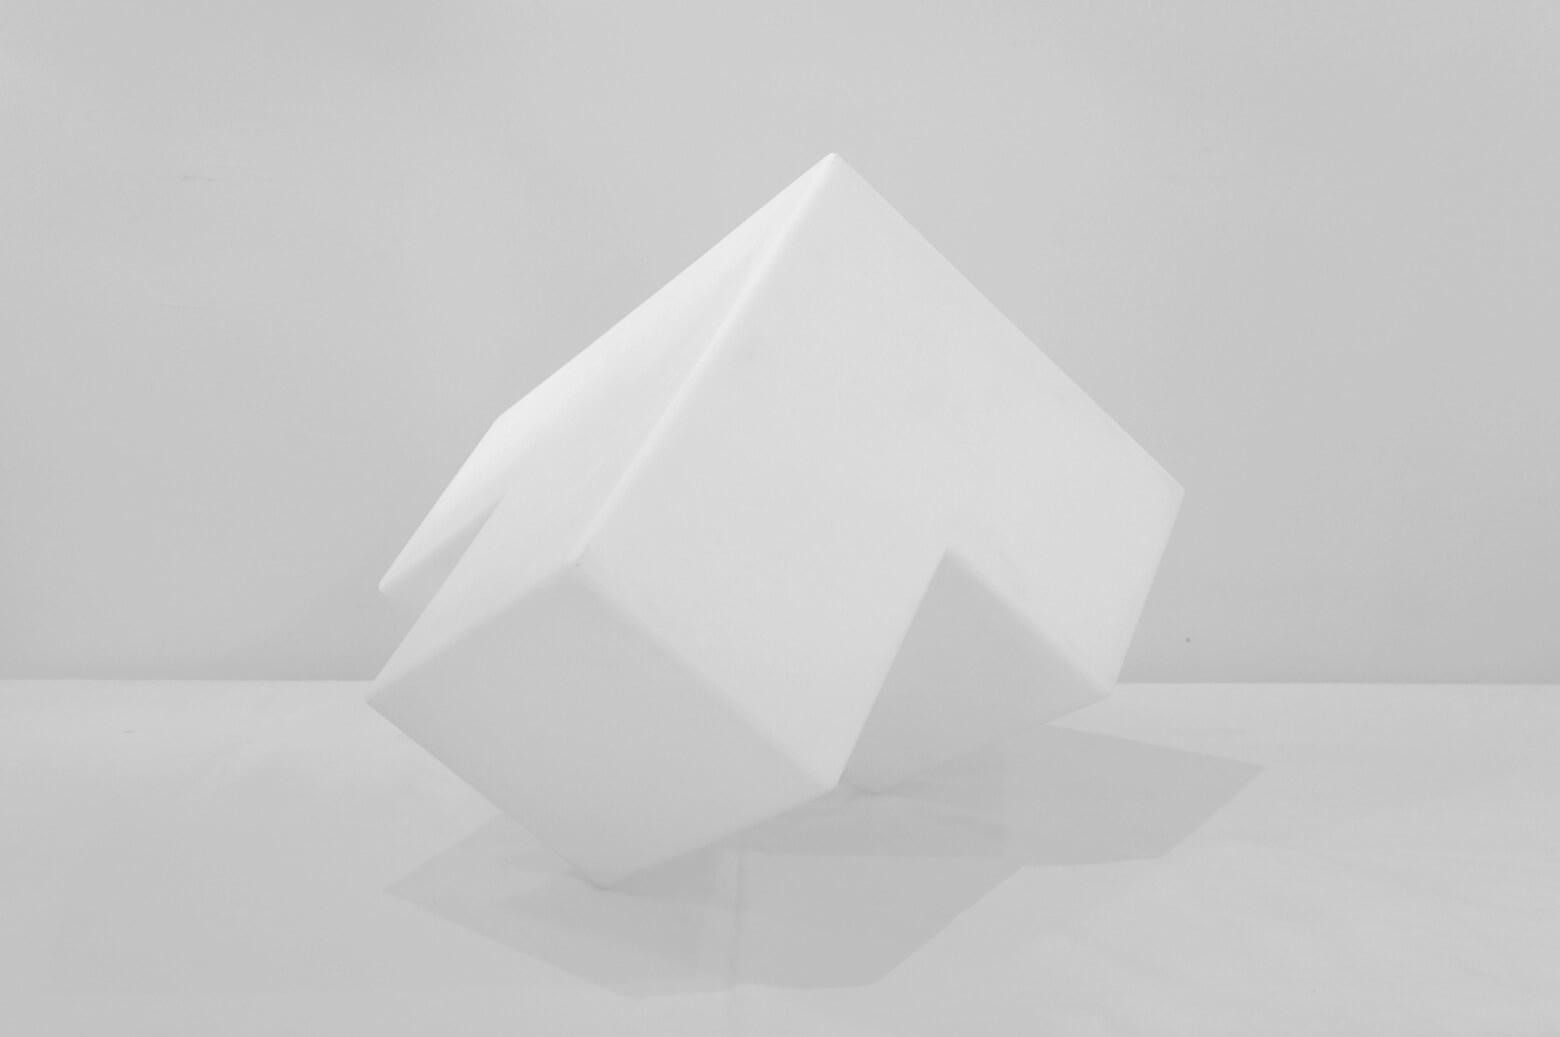 立方体が4つ繋がってできたような、ブロック型のランプ。 インパクトのあるデザインで、お部屋の中でも一際目立つ存在になりそう。 そのまま間接照明として飾るのはもちろんですが、ブロックの面に小物をディスプレイして使うのもオススメです。 ライトを点けていない時でもインテリアとしての存在感はバッチリです。 お店のディスプレイにもぜひ! 傷、擦れがございます。 照明の動作に問題はございません。 ただ空間を明るくするだけの照明ではなく、まるで光のオブジェのようなインテリアにもなるデザイン性の高い照明でお部屋をコーディネートしてみてはいかがですか♪ ~【東京都杉並区阿佐ヶ谷北アンティークショップ 古一】 古一/ふるいちでは出張無料買取も行っております。杉並区周辺はもちろん、世田谷区・目黒区・武蔵野市・新宿区等の東京近郊のお見積もりも!ビンテージ家具・インテリア雑貨・ランプ・USED品・ リサイクルなら古一/フルイチへ~